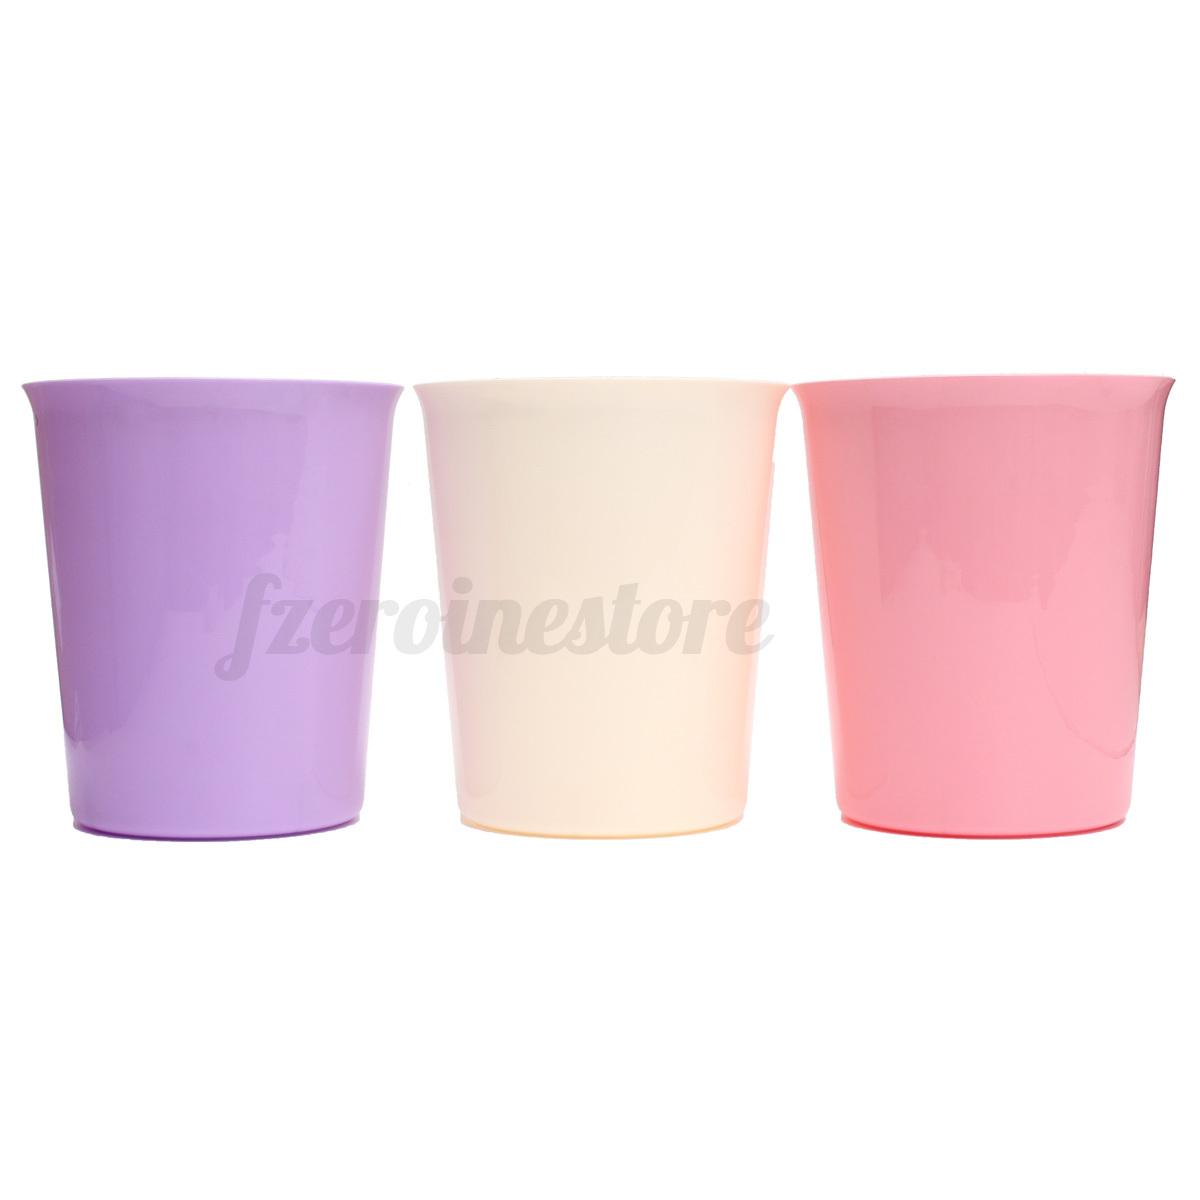 Plastic Bin Bins Waste Storage Paper Dust Rubbish Basket